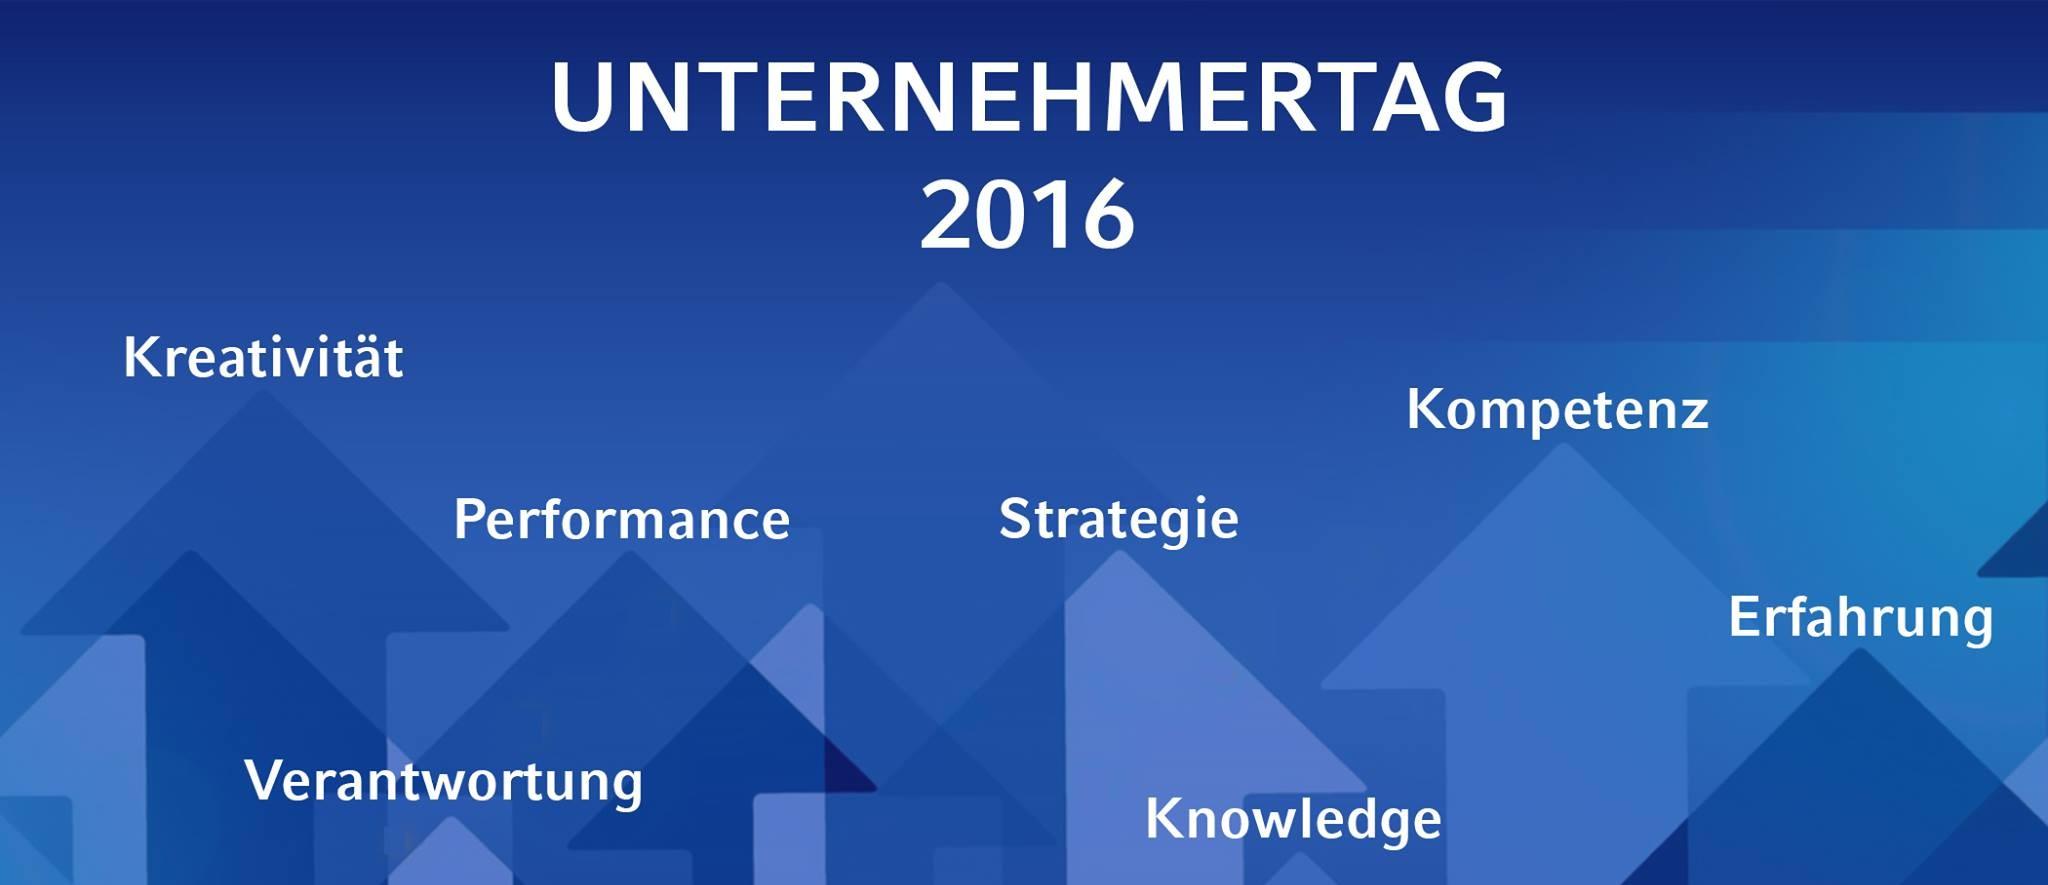 unternehmertag 2016